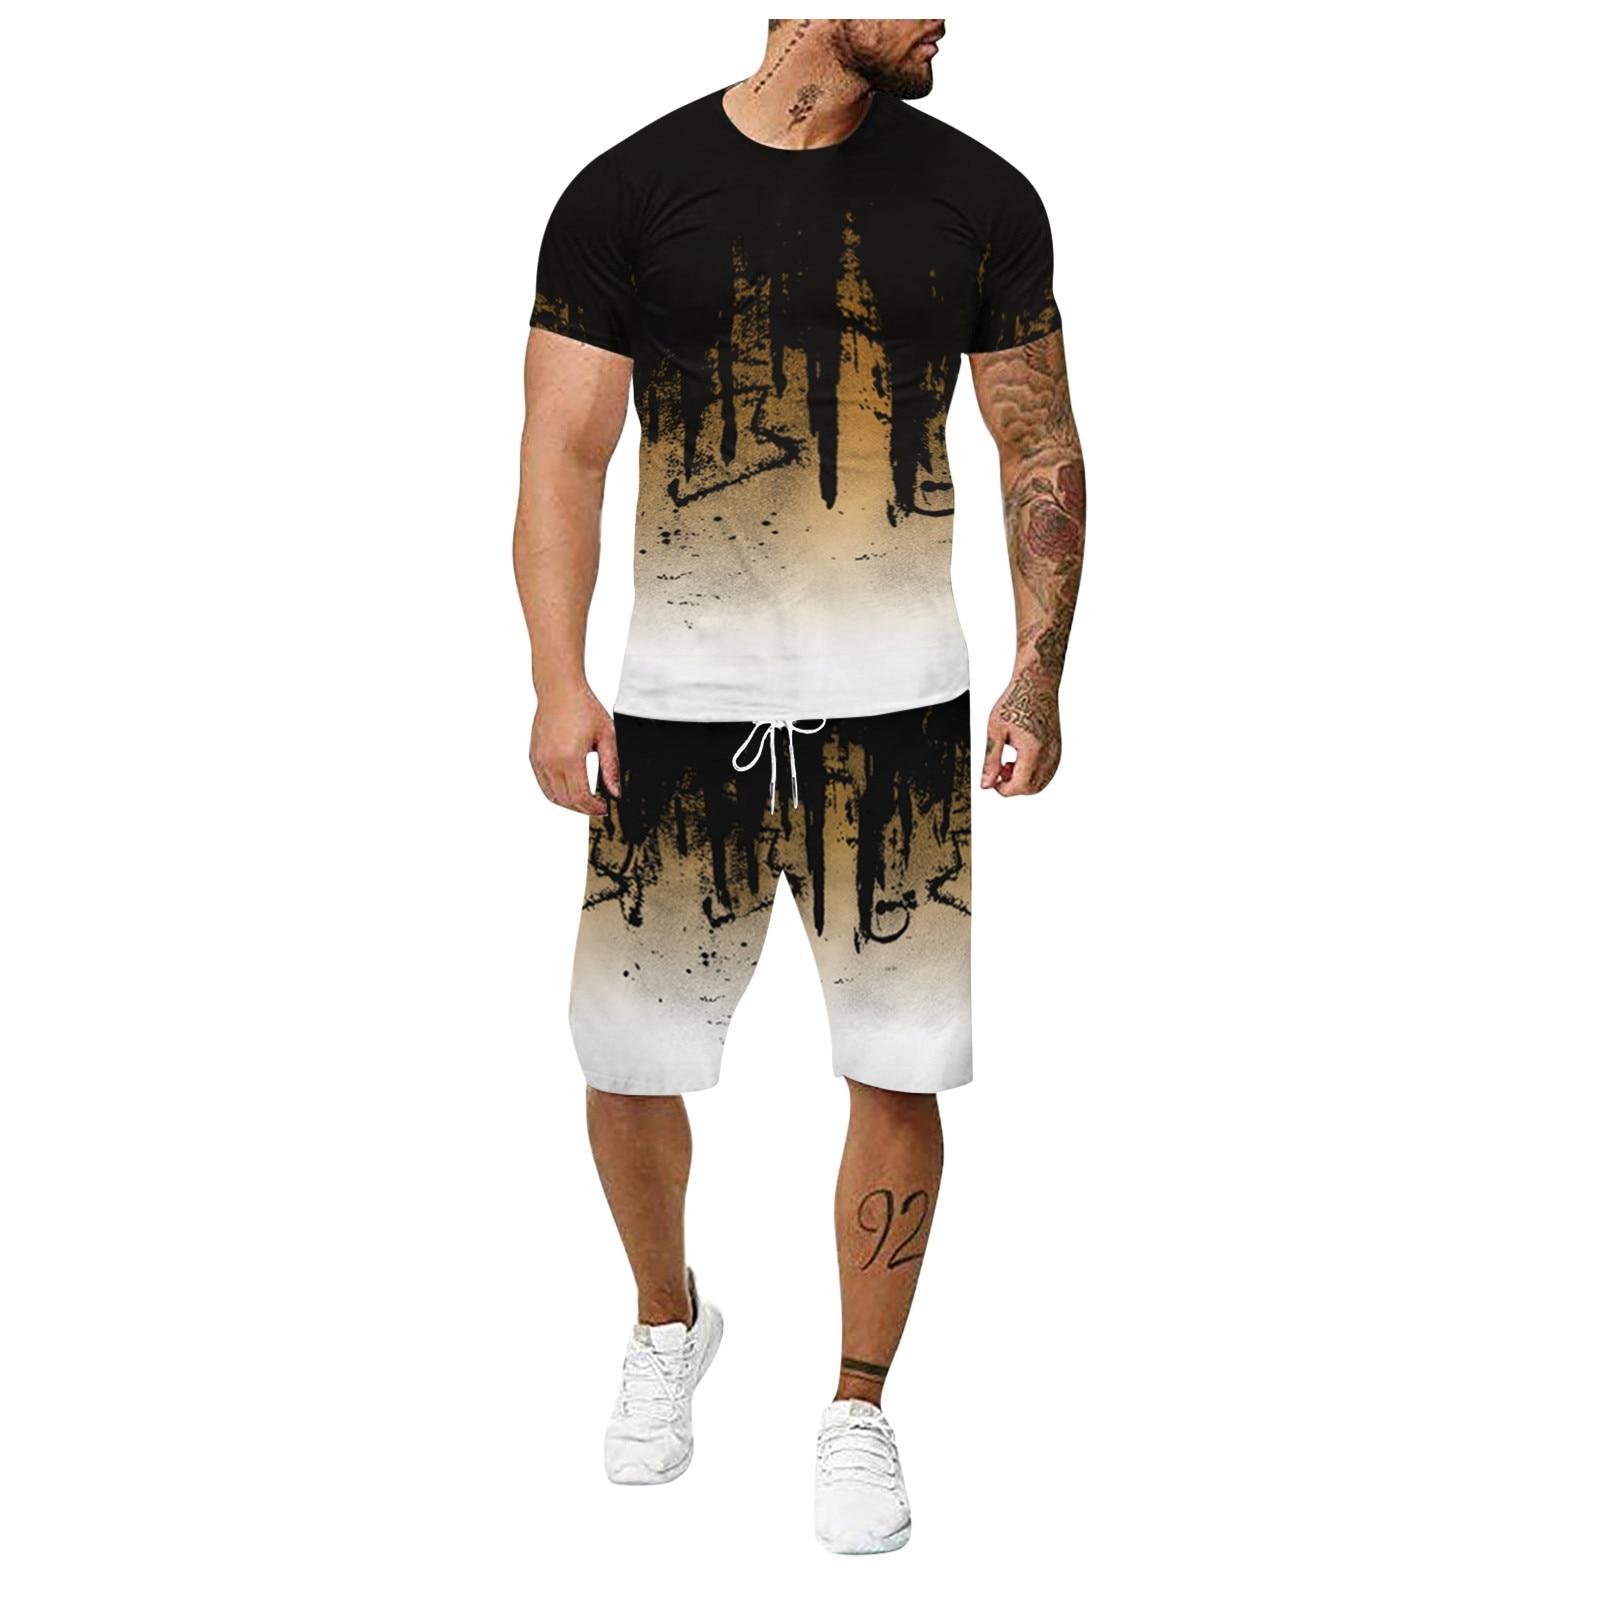 Conjuntos para Hombre de verano, traje deportivo para correr al aire libre,...